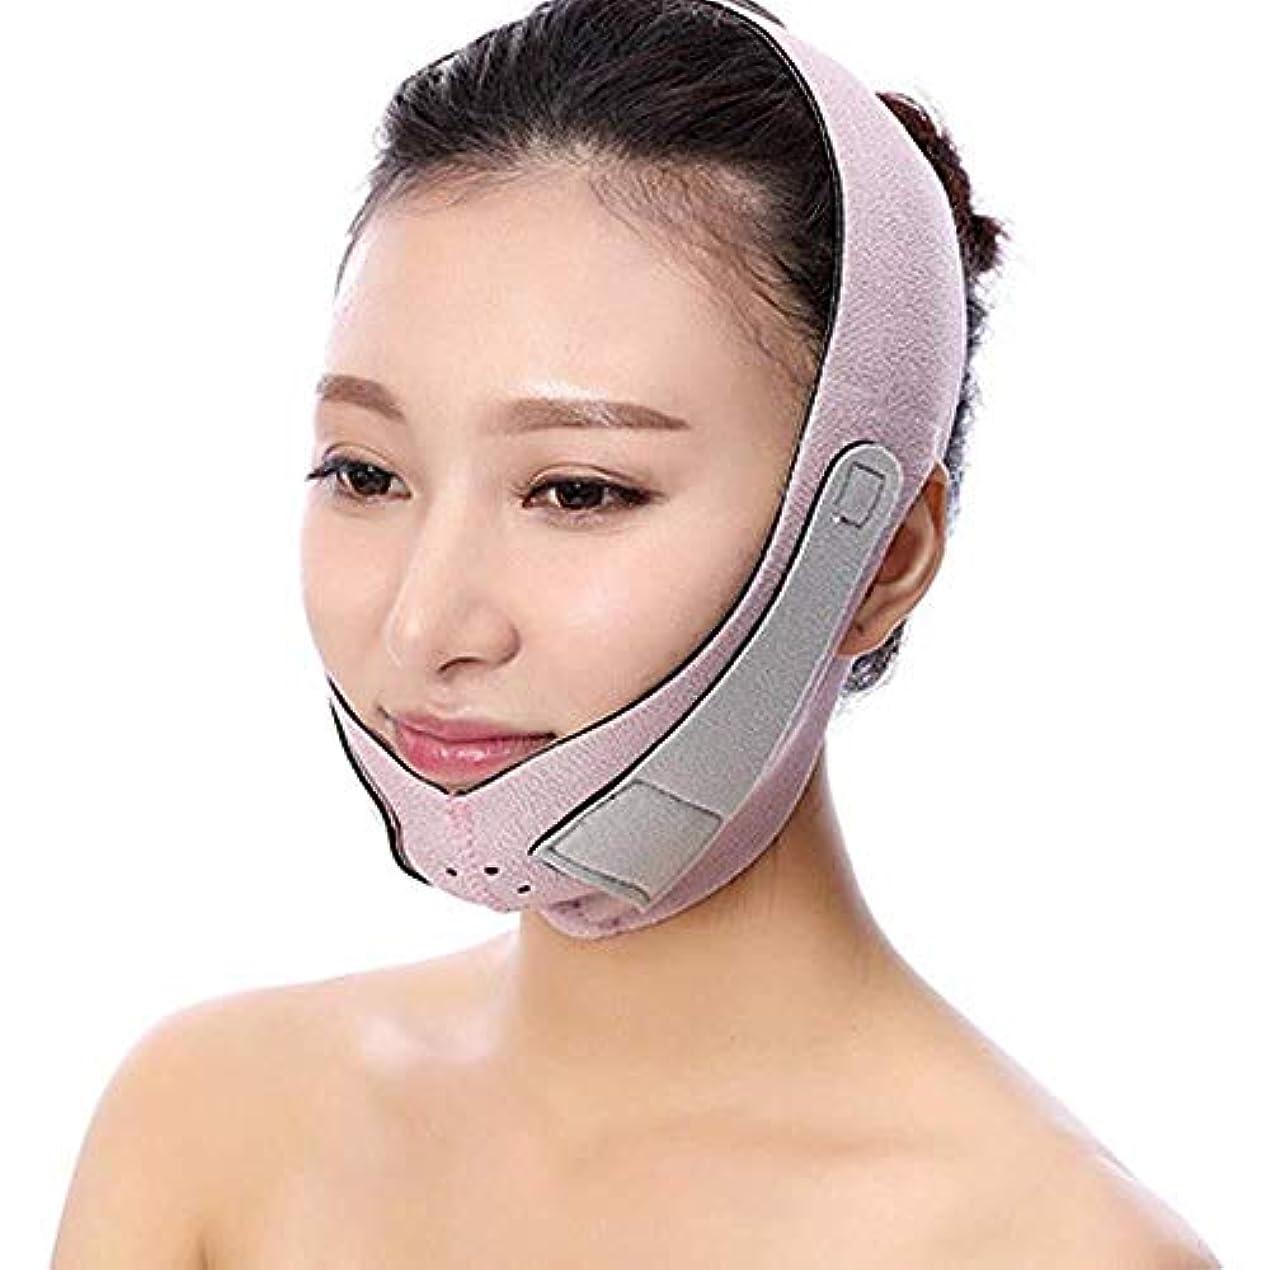 家畜舗装するタオルJN 薄い顔バンド、スリープフェイス包帯?フェイシャルリフティング帽子?フェイシャルリフティングアンチ圧力マスクダブルチンリデューサー、2色 たるみ防止マスク (Color : A)